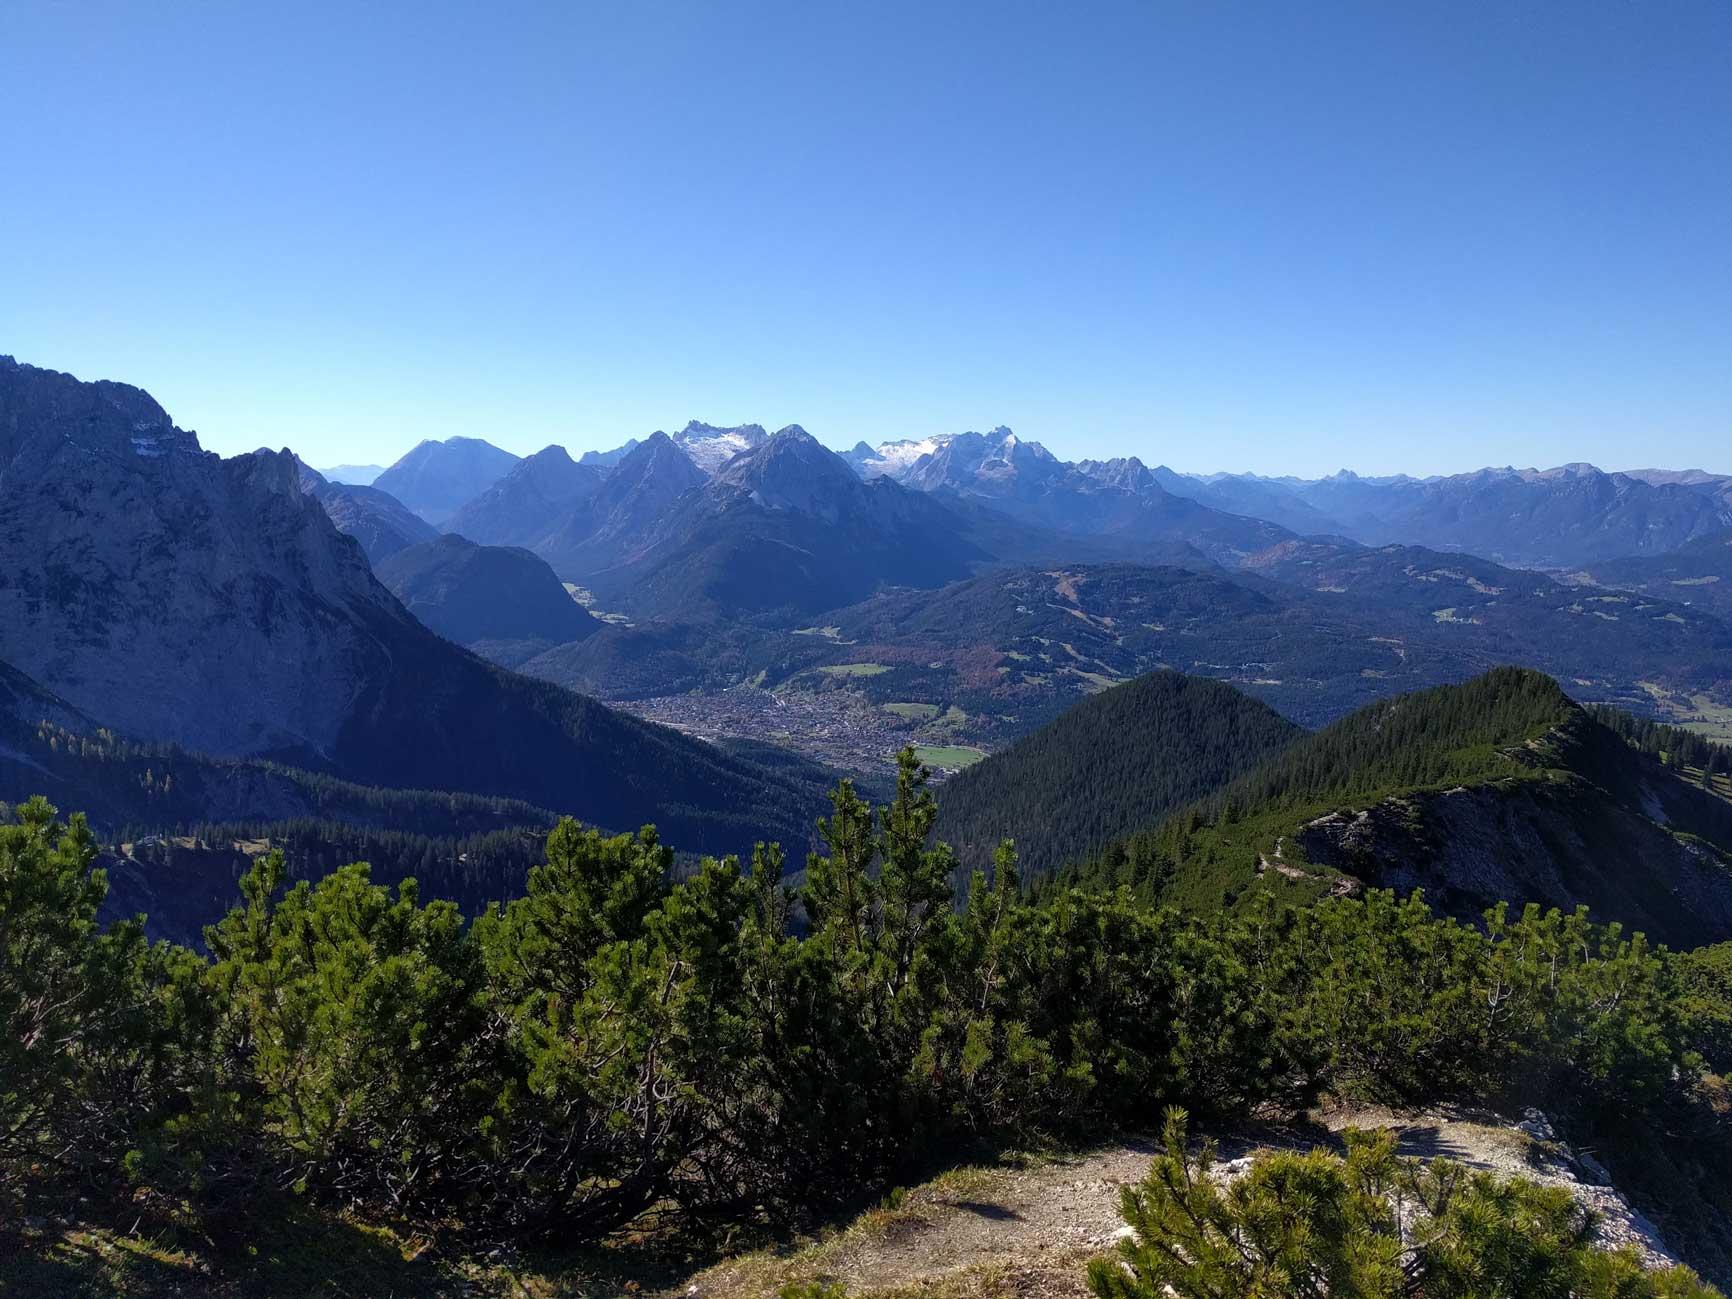 munichmountaingirls-bergblog-frauen-nina-schwind-wandern-woernersattel-mittenwald